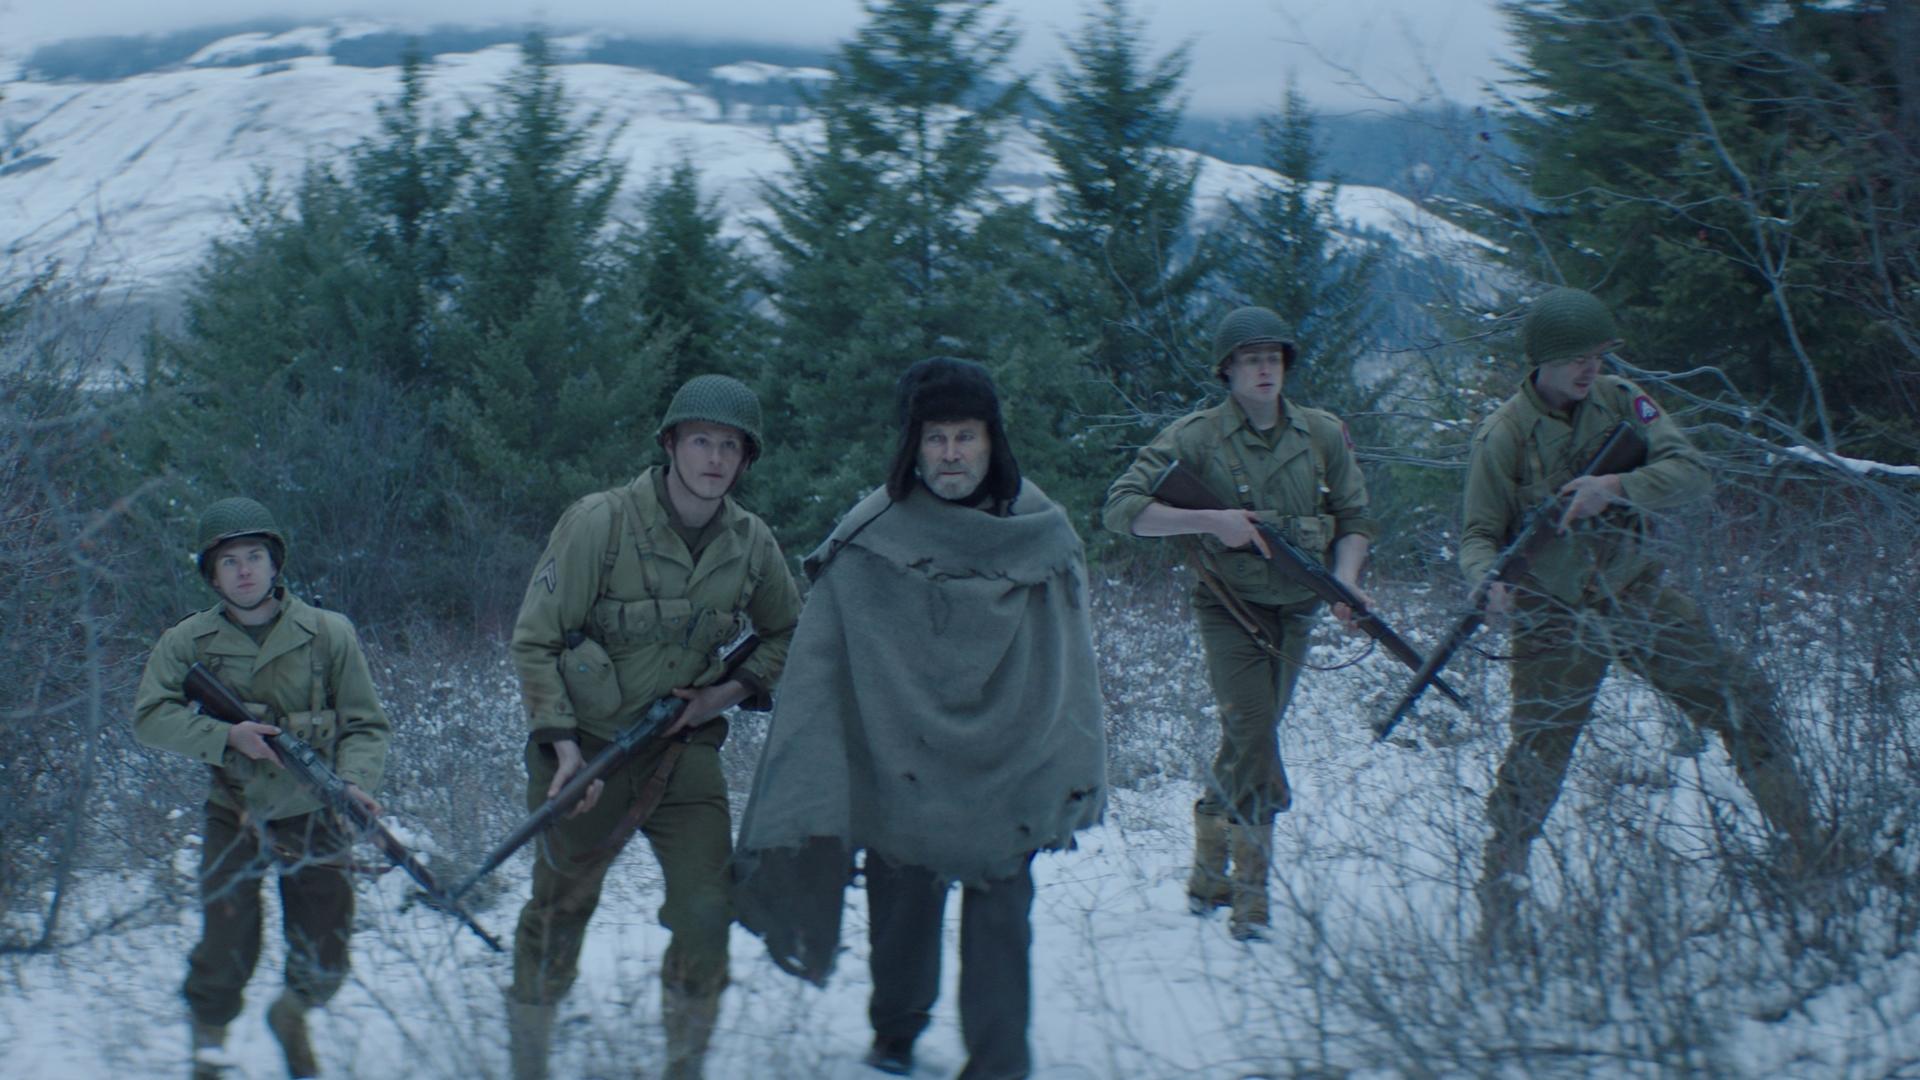 亞歷山大路德韋格《幽靈戰場》削髮執行「自殺任務」激戰看不見的敵人